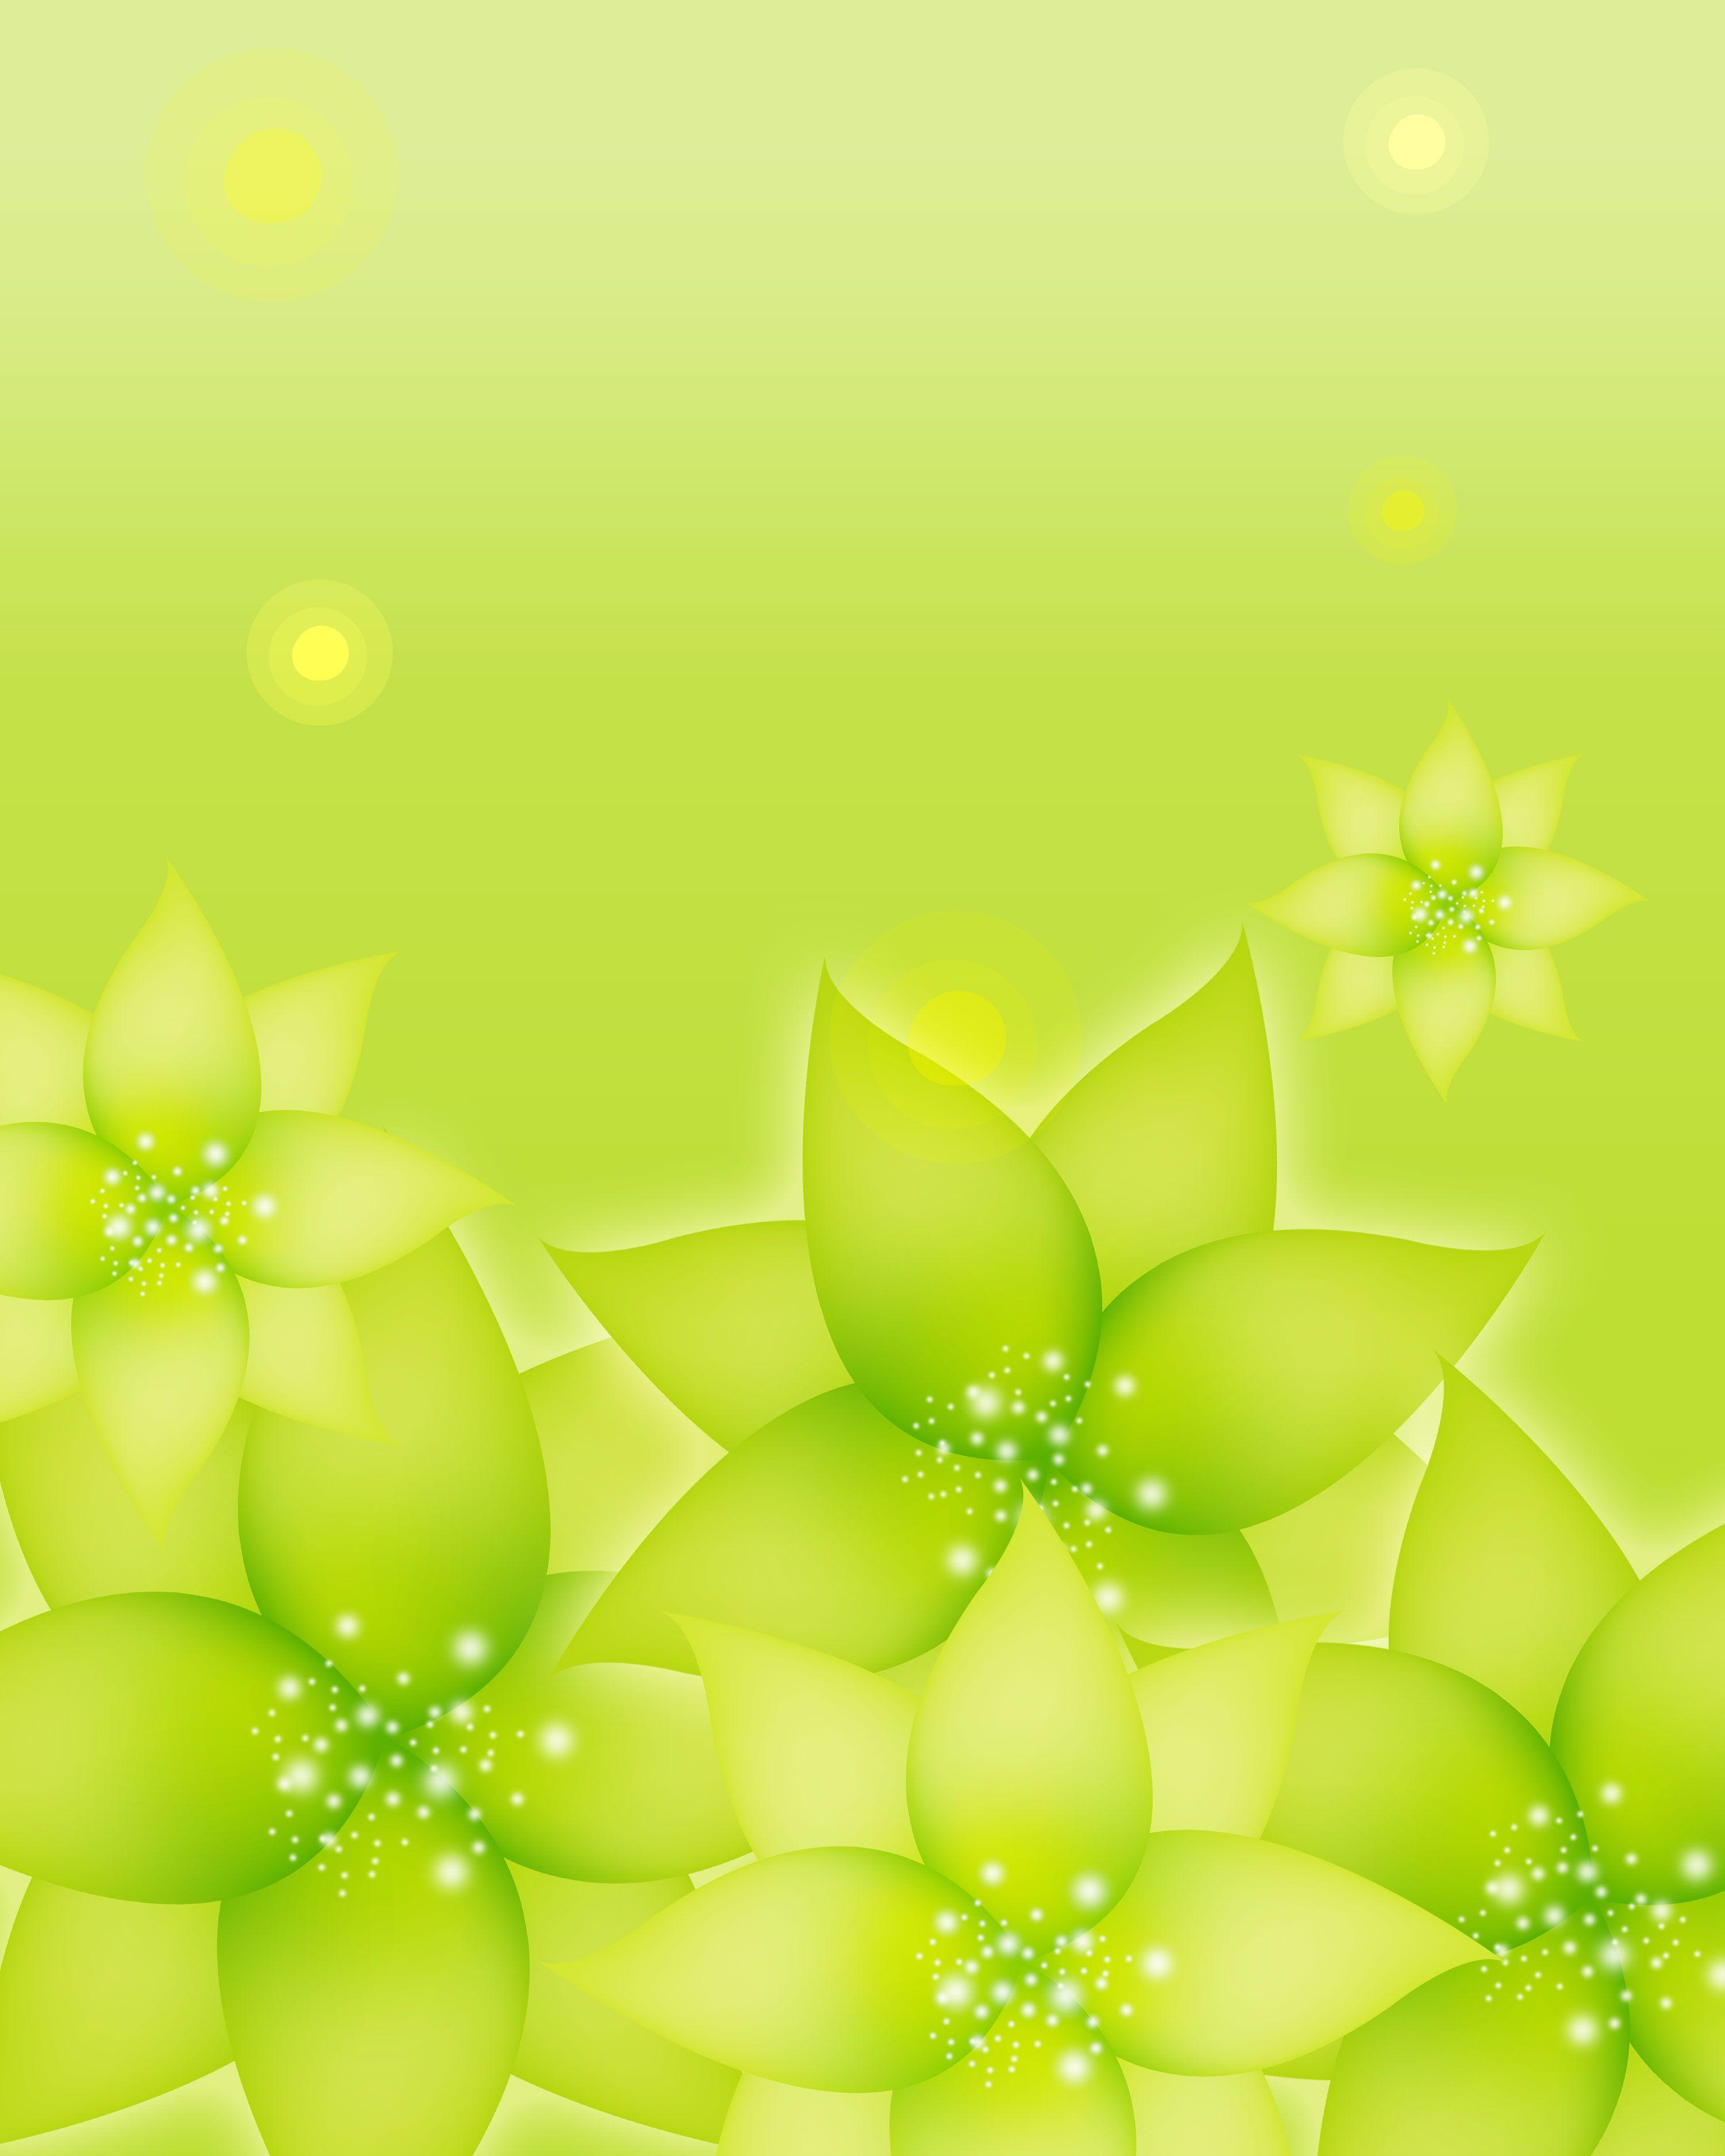 葉っぱの背景 壁紙イラスト 黄緑 光彩 光の粒 壁紙 イラスト